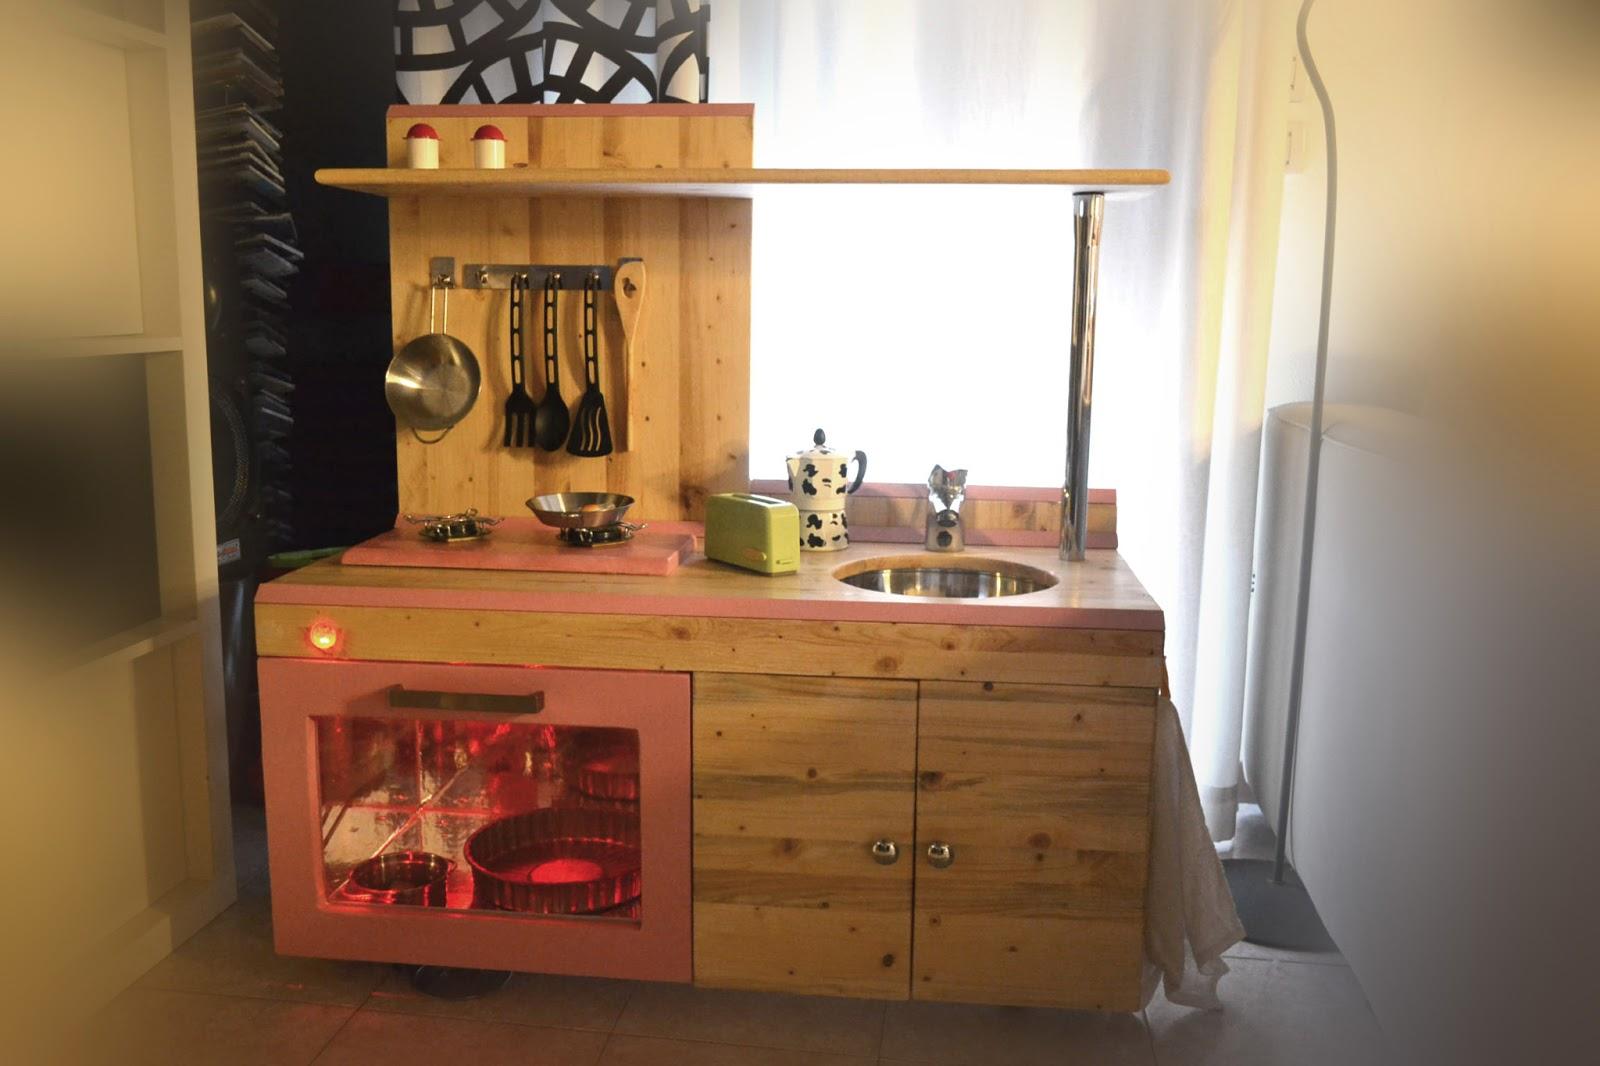 Mammarum come costruire una cucina per bambini di legno for Cucina x bambini ikea